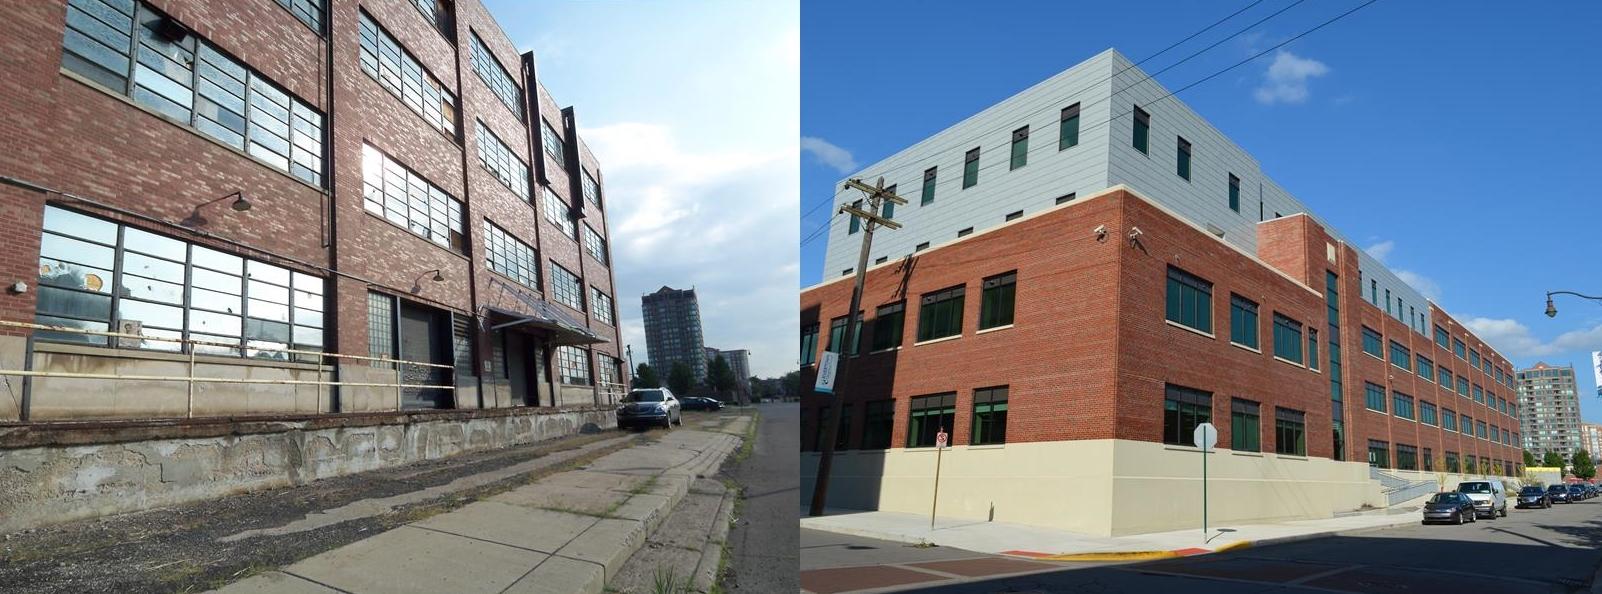 Southwest Elevation Before & After.jpg